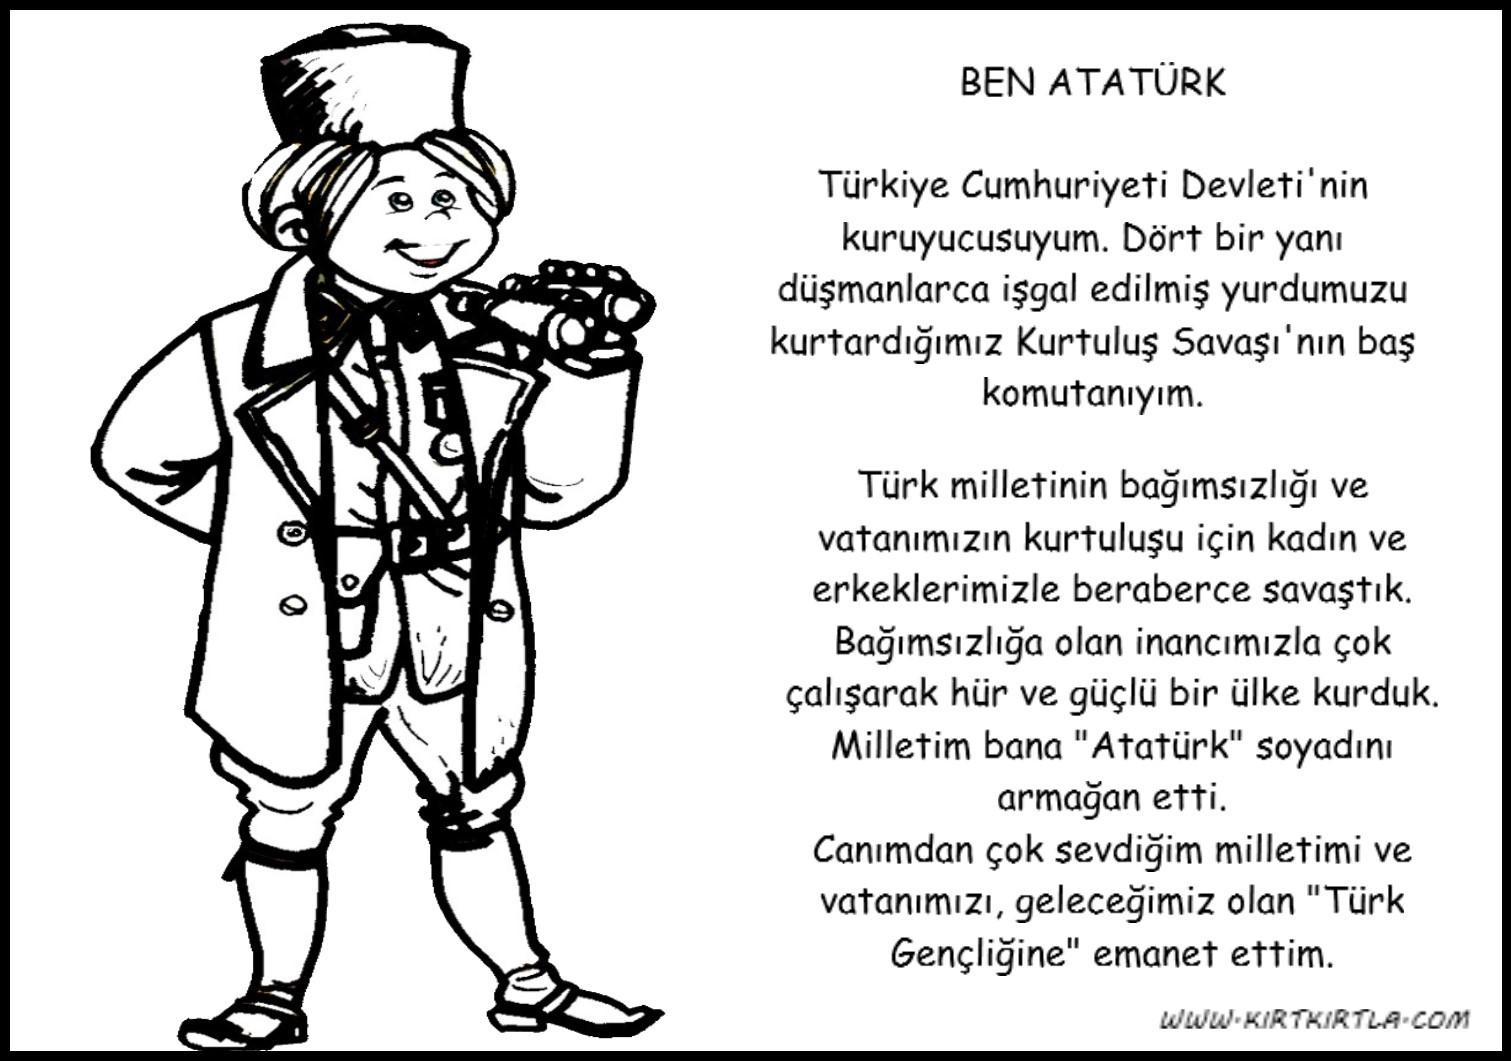 Ataturk Kimdir M Kemal Ataturk Boyama Sayfasi Kirtkirtla